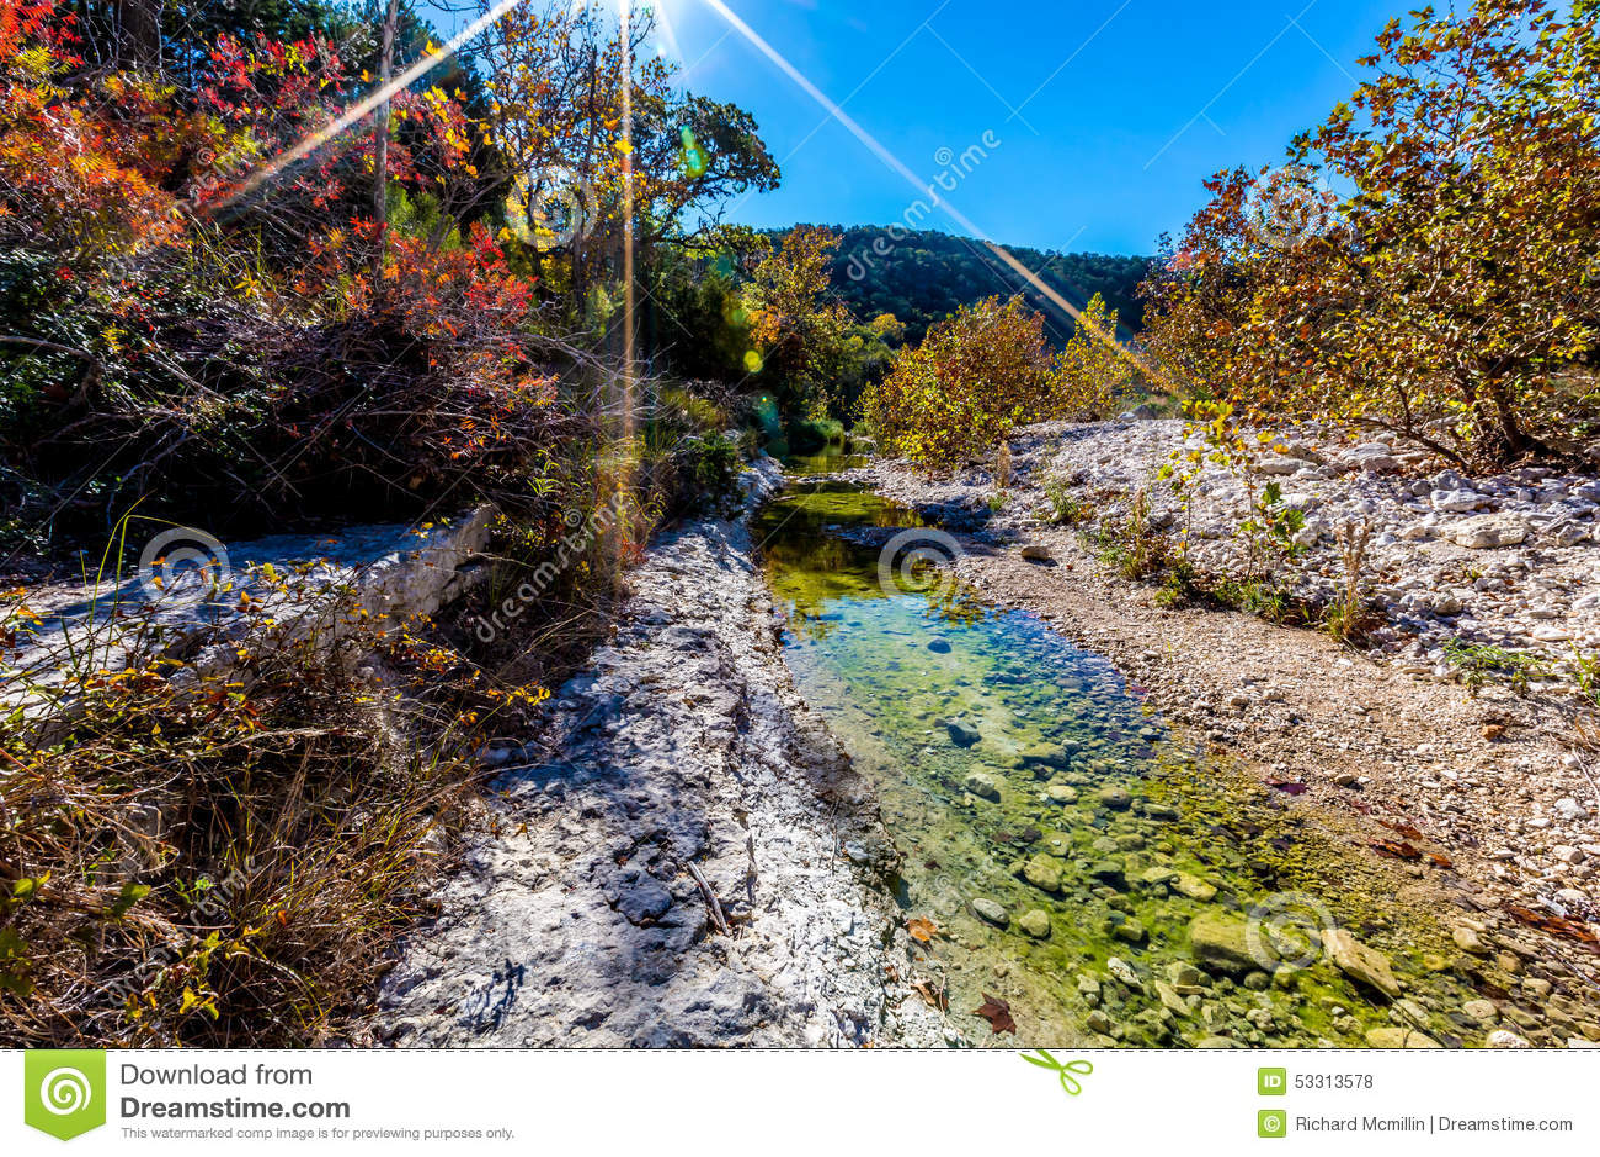 Tir large de Rocky Stream Surrounded par le feuillage d automne avec les cieux bleus aux érables perdus